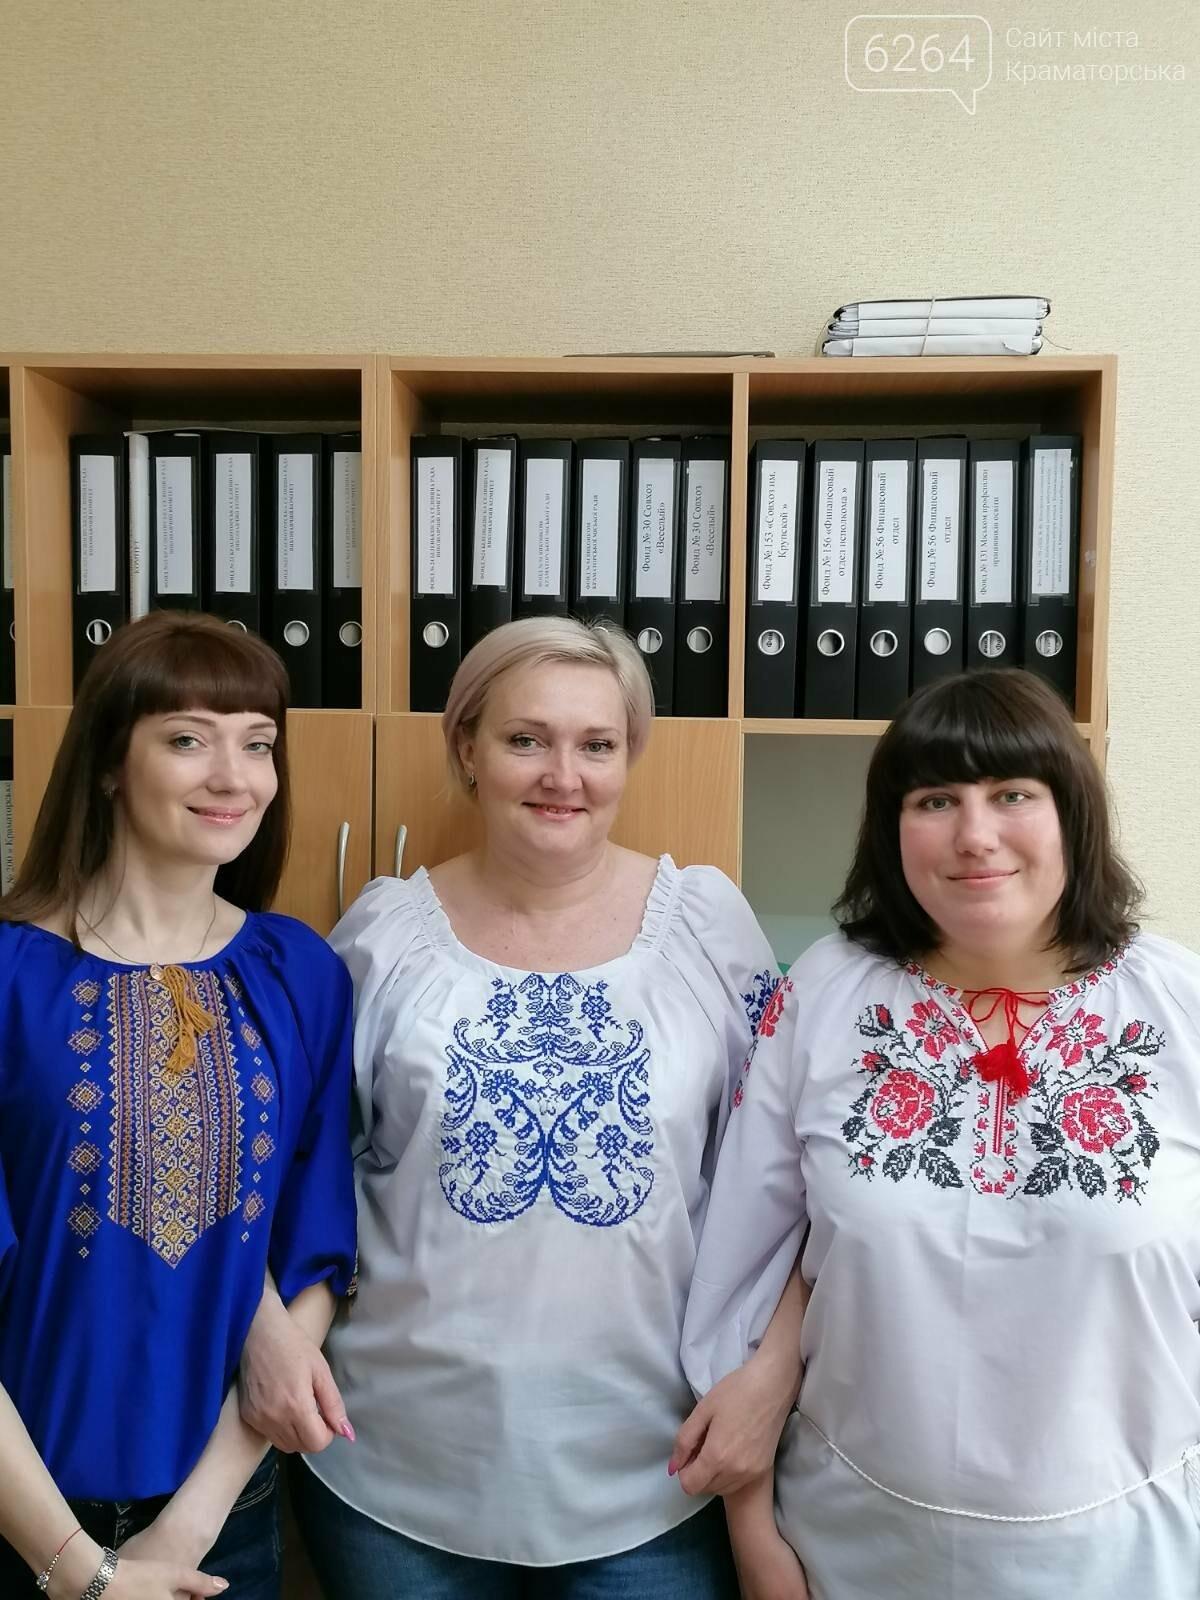 Краматорськ святкує день вишиванки, фото-2